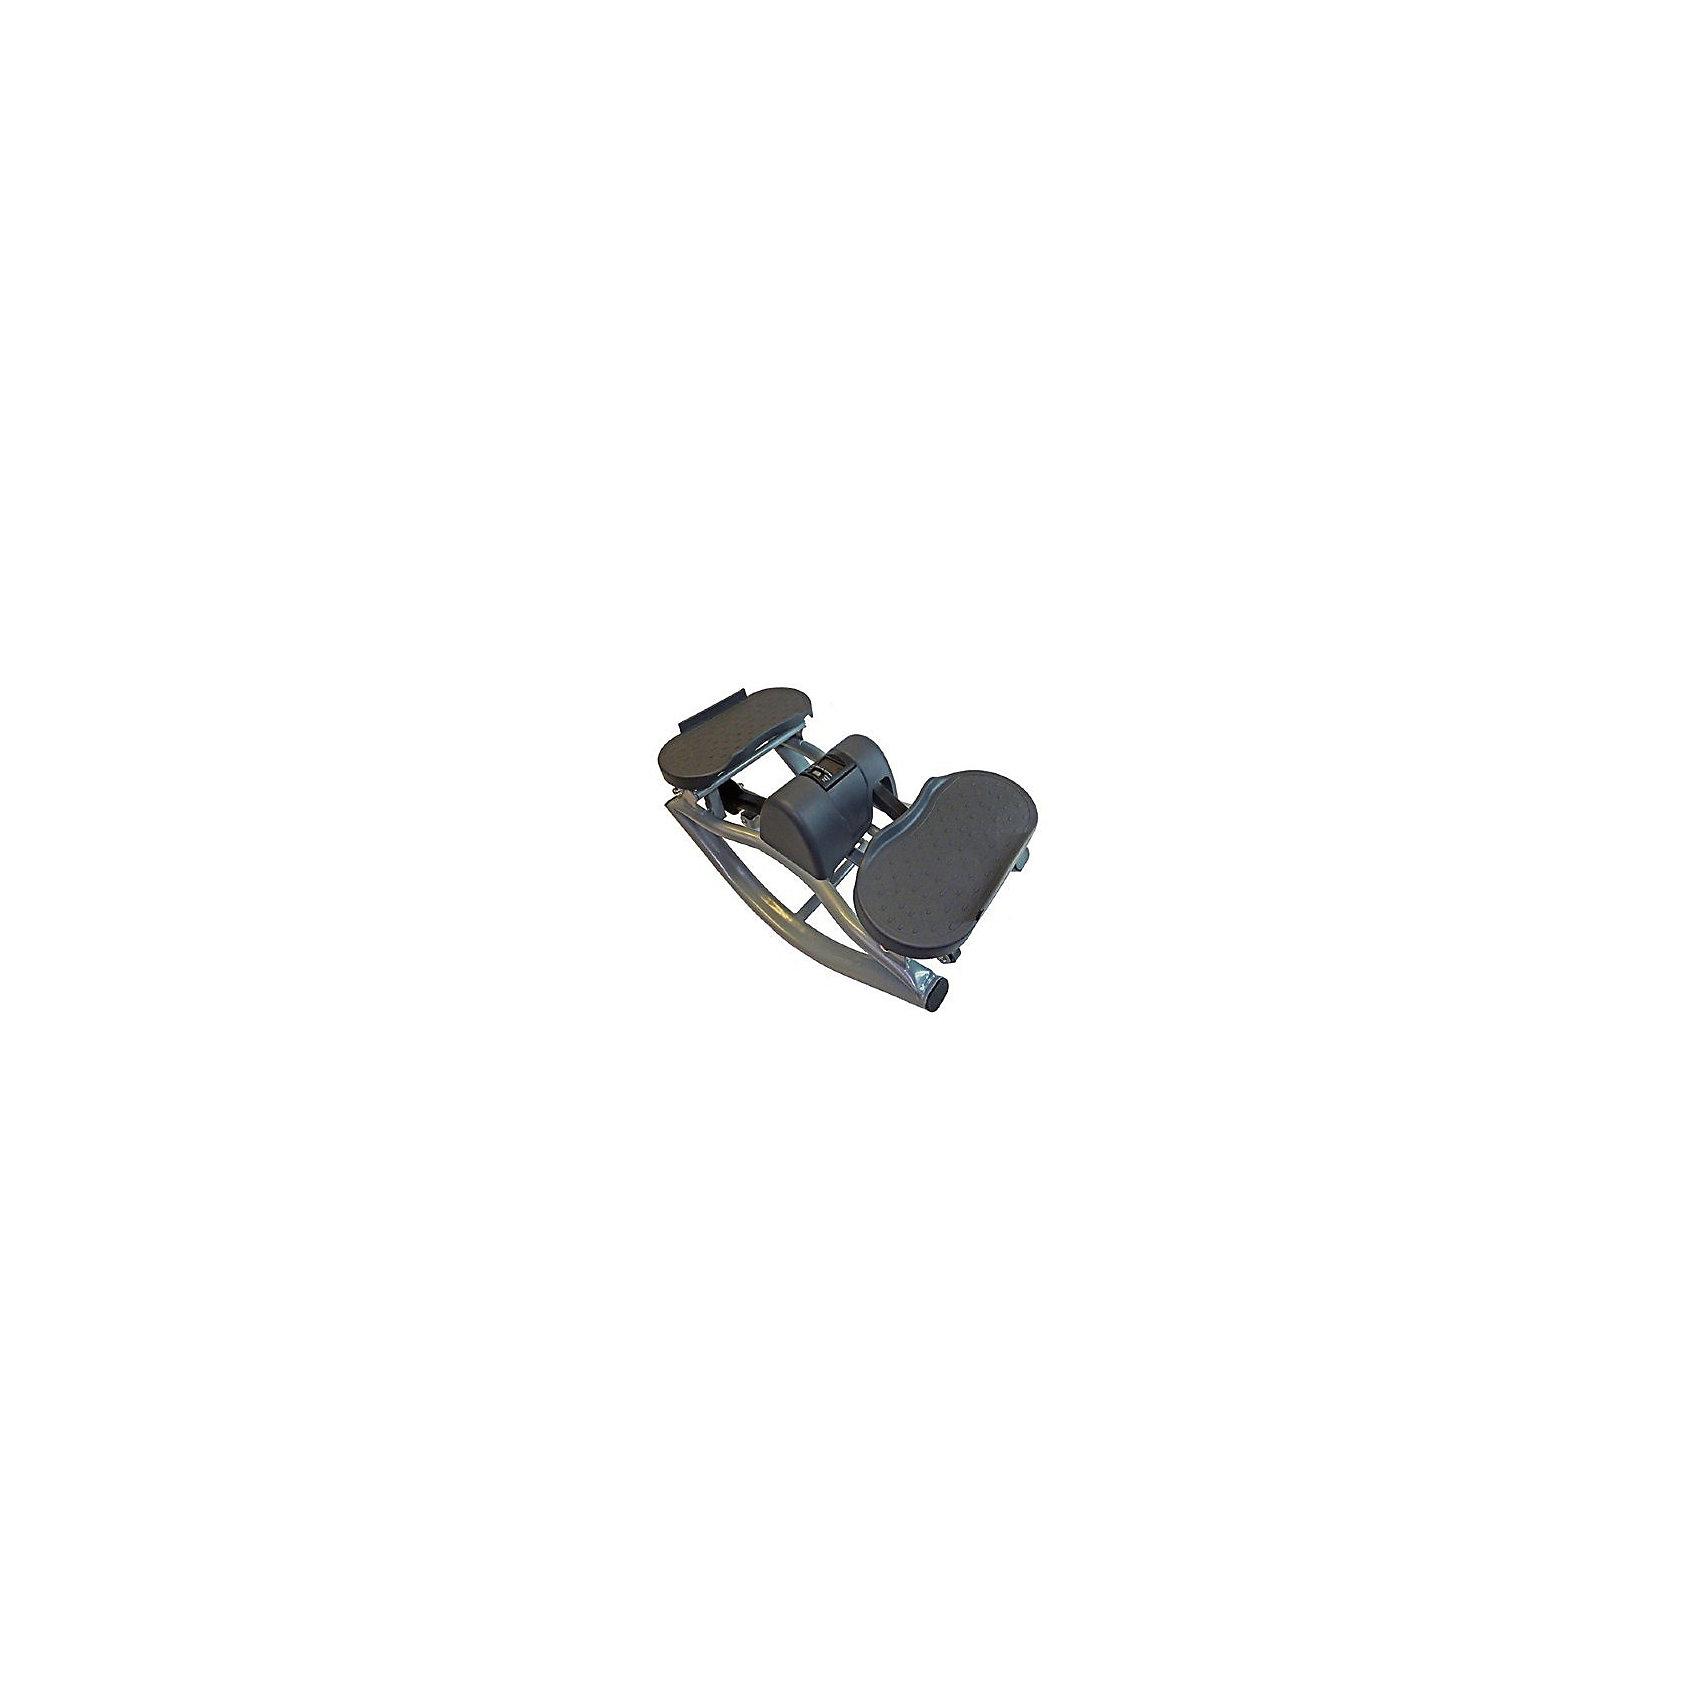 Балансировочный степпер, Sport ElitТренажёры<br>Министеппер Sport Elit SE 5106 отлично подойдет для тех, кто хочет самостоятельно в домашних условиях поддерживать свою физическую форму в очень хорошем состоянии. Занимаясь на этом тренажере, любой пользователь в независимости от начального уровня физической подготовки сможет тренировать очень многие группы мышц: бедра, ягодицы, бицепс, трицепс, плечи, спина, пресс.<br>Для тренировок не требуется специальных знаний, министеппер  Sport Elit SE 5106 очень прост в использовании, а комплексов упражнений для него существует огромное множество. Каждый пользователь сможет с легкостью подобрать упражнения именно для тех групп мышц, которые нуждаются в тренировке. Небольшой встроенный компьютер сообщит пользователю основные параметры тренировки: число сделанных шагов, время, количество калорий, потраченных за время тренировки, количество шагов за минуту. Показания компьютера позволят следить за интенсивностью тренировки и корректировать тренировочный процесс.<br>ИспользованиеДомашнее<br>Максимальный вес пользователя100 кг<br>Рамастальная, лакированная<br>Система нагружениягидравлическая<br>Измерение пульсанет<br>Показания монитора кол-во шагов, время, потраченные калории, кол-во шаг/мин<br>Питание Не требует подключения к сети<br>Вес тренажера11,2 кг <br>Габариты тренажера51х27х27 см<br>Вес тренажера в коробке12,5 кг<br>Габариты в упаковке29х51х40 см<br>Гарантия18 месяцев<br>ПроизводительSport Elite<br>ИзготовительКитай<br><br>Ширина мм: 400<br>Глубина мм: 510<br>Высота мм: 290<br>Вес г: 6500<br>Возраст от месяцев: 36<br>Возраст до месяцев: 192<br>Пол: Унисекс<br>Возраст: Детский<br>SKU: 5056658